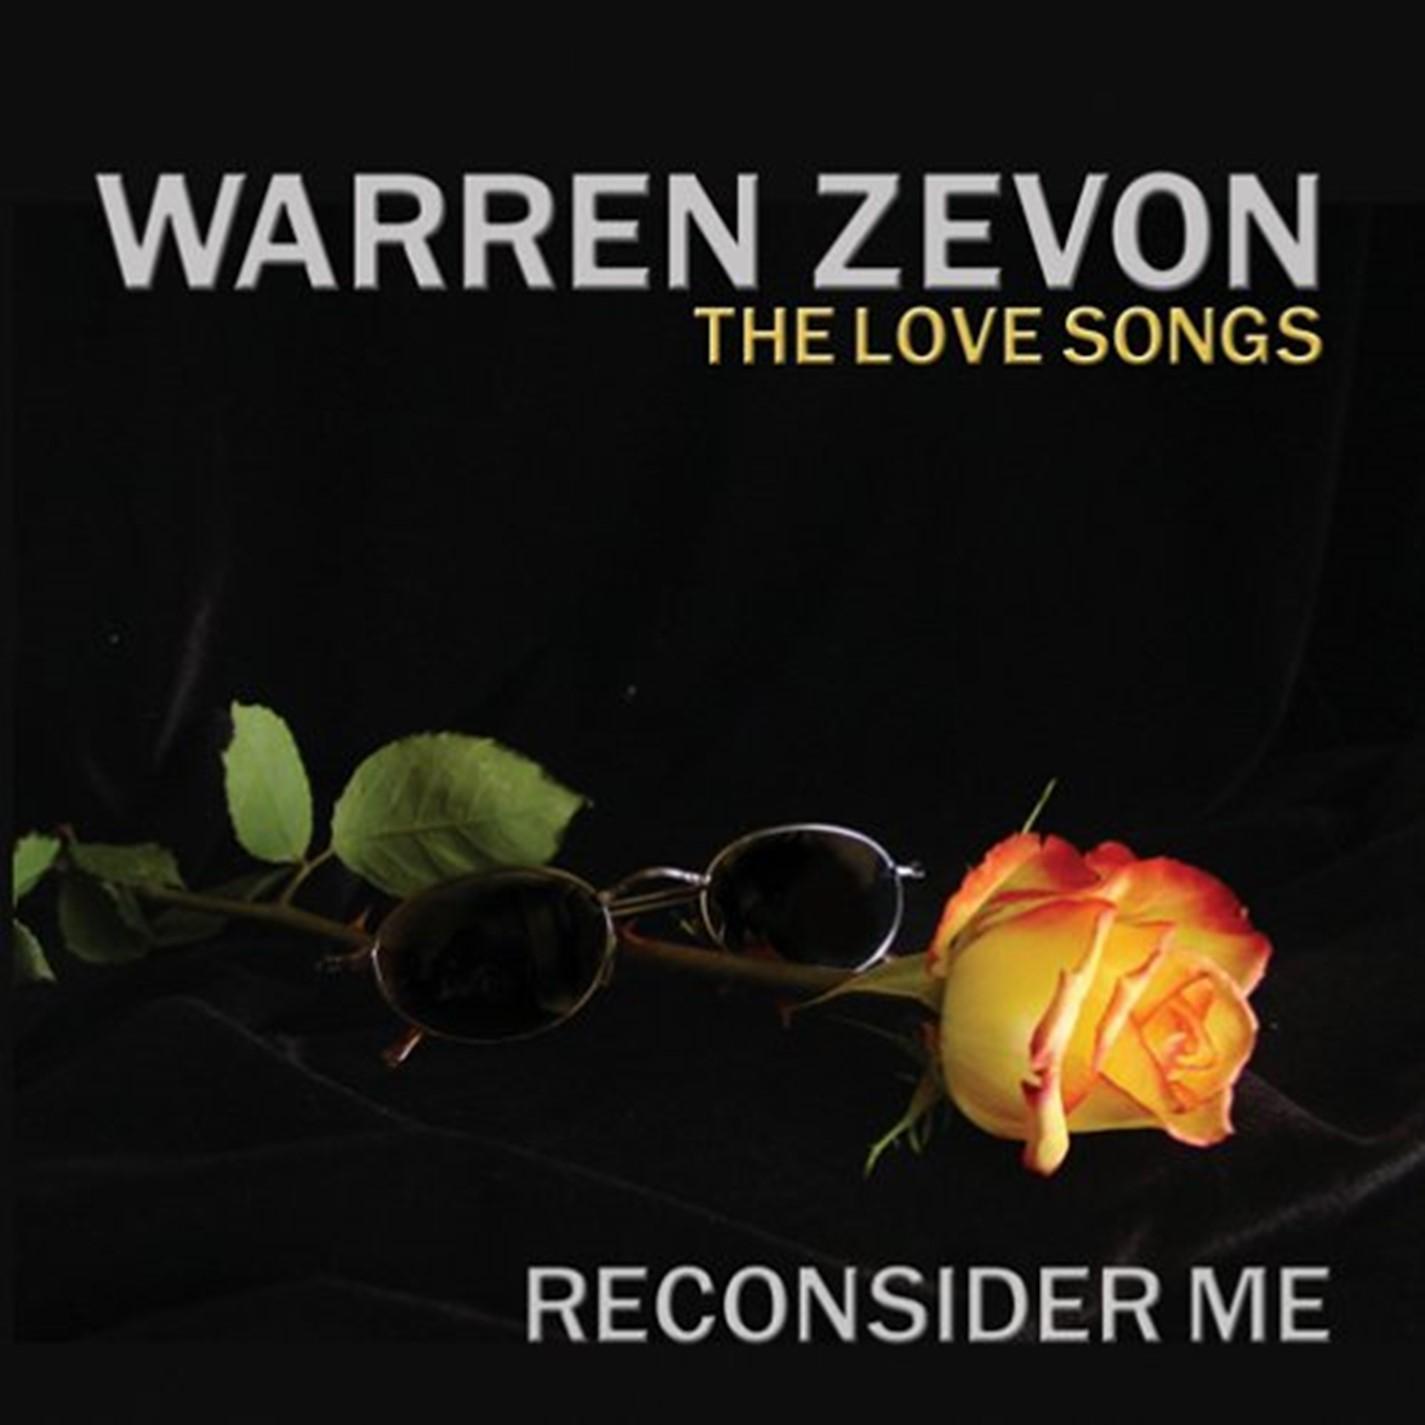 Warren Zevon, Reconsider Me: The Love Songs